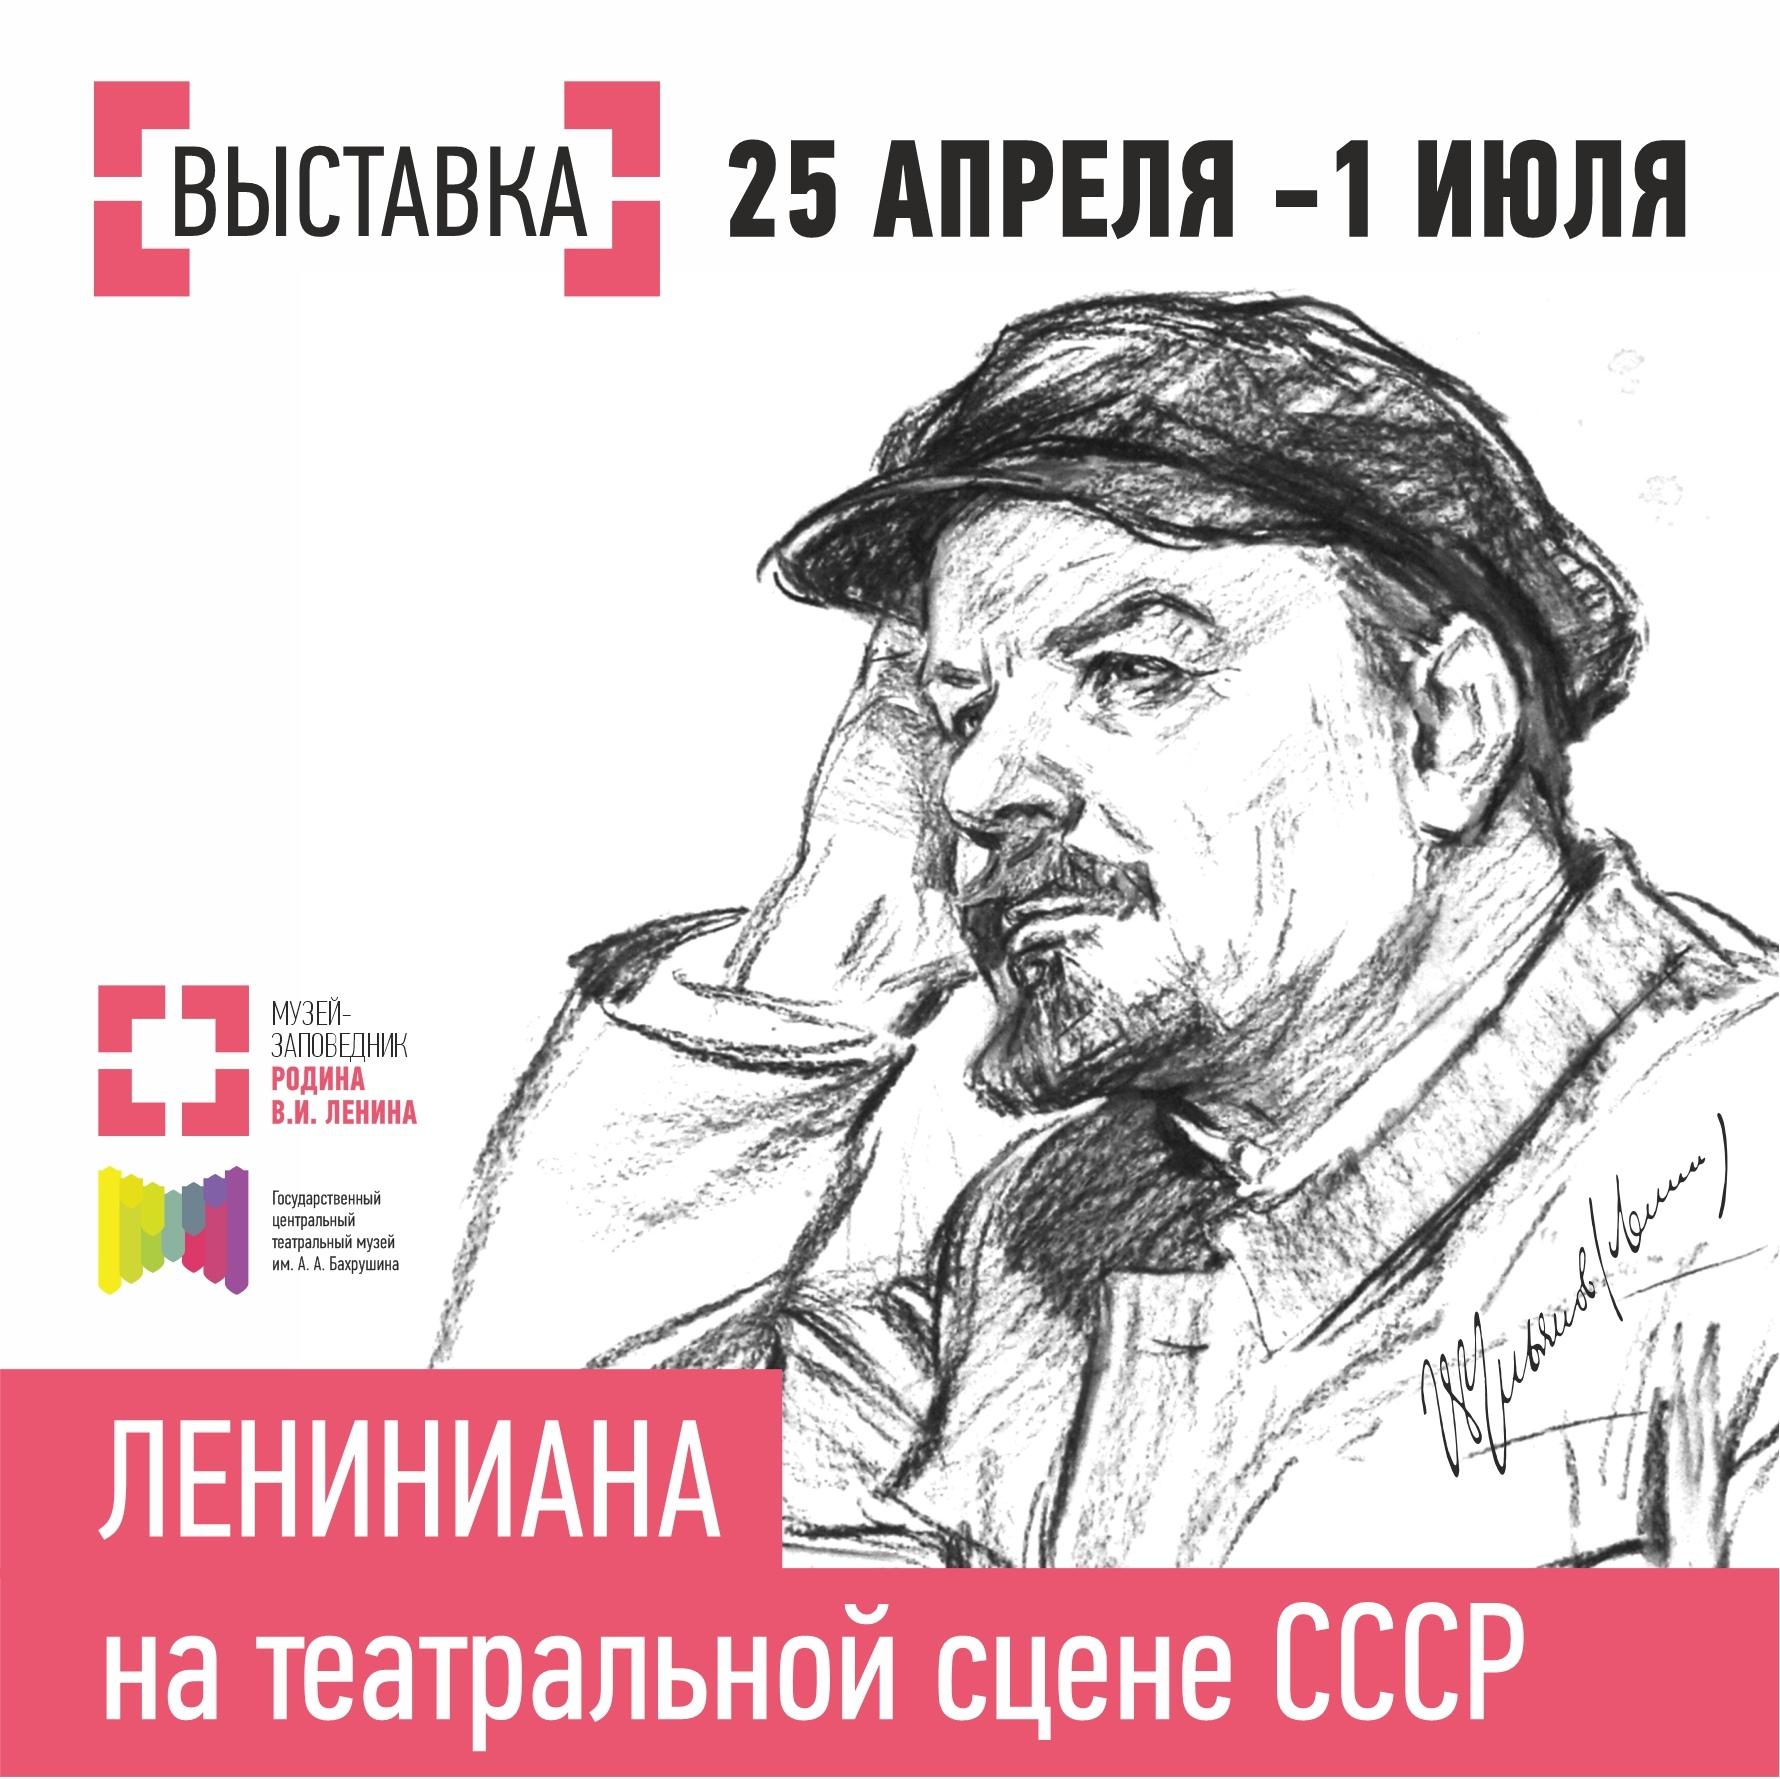 Онлайн-выставка «Лениниана на театральной сцене СССР», из коллекции ГЦТМ им. А.А. Бахрушина